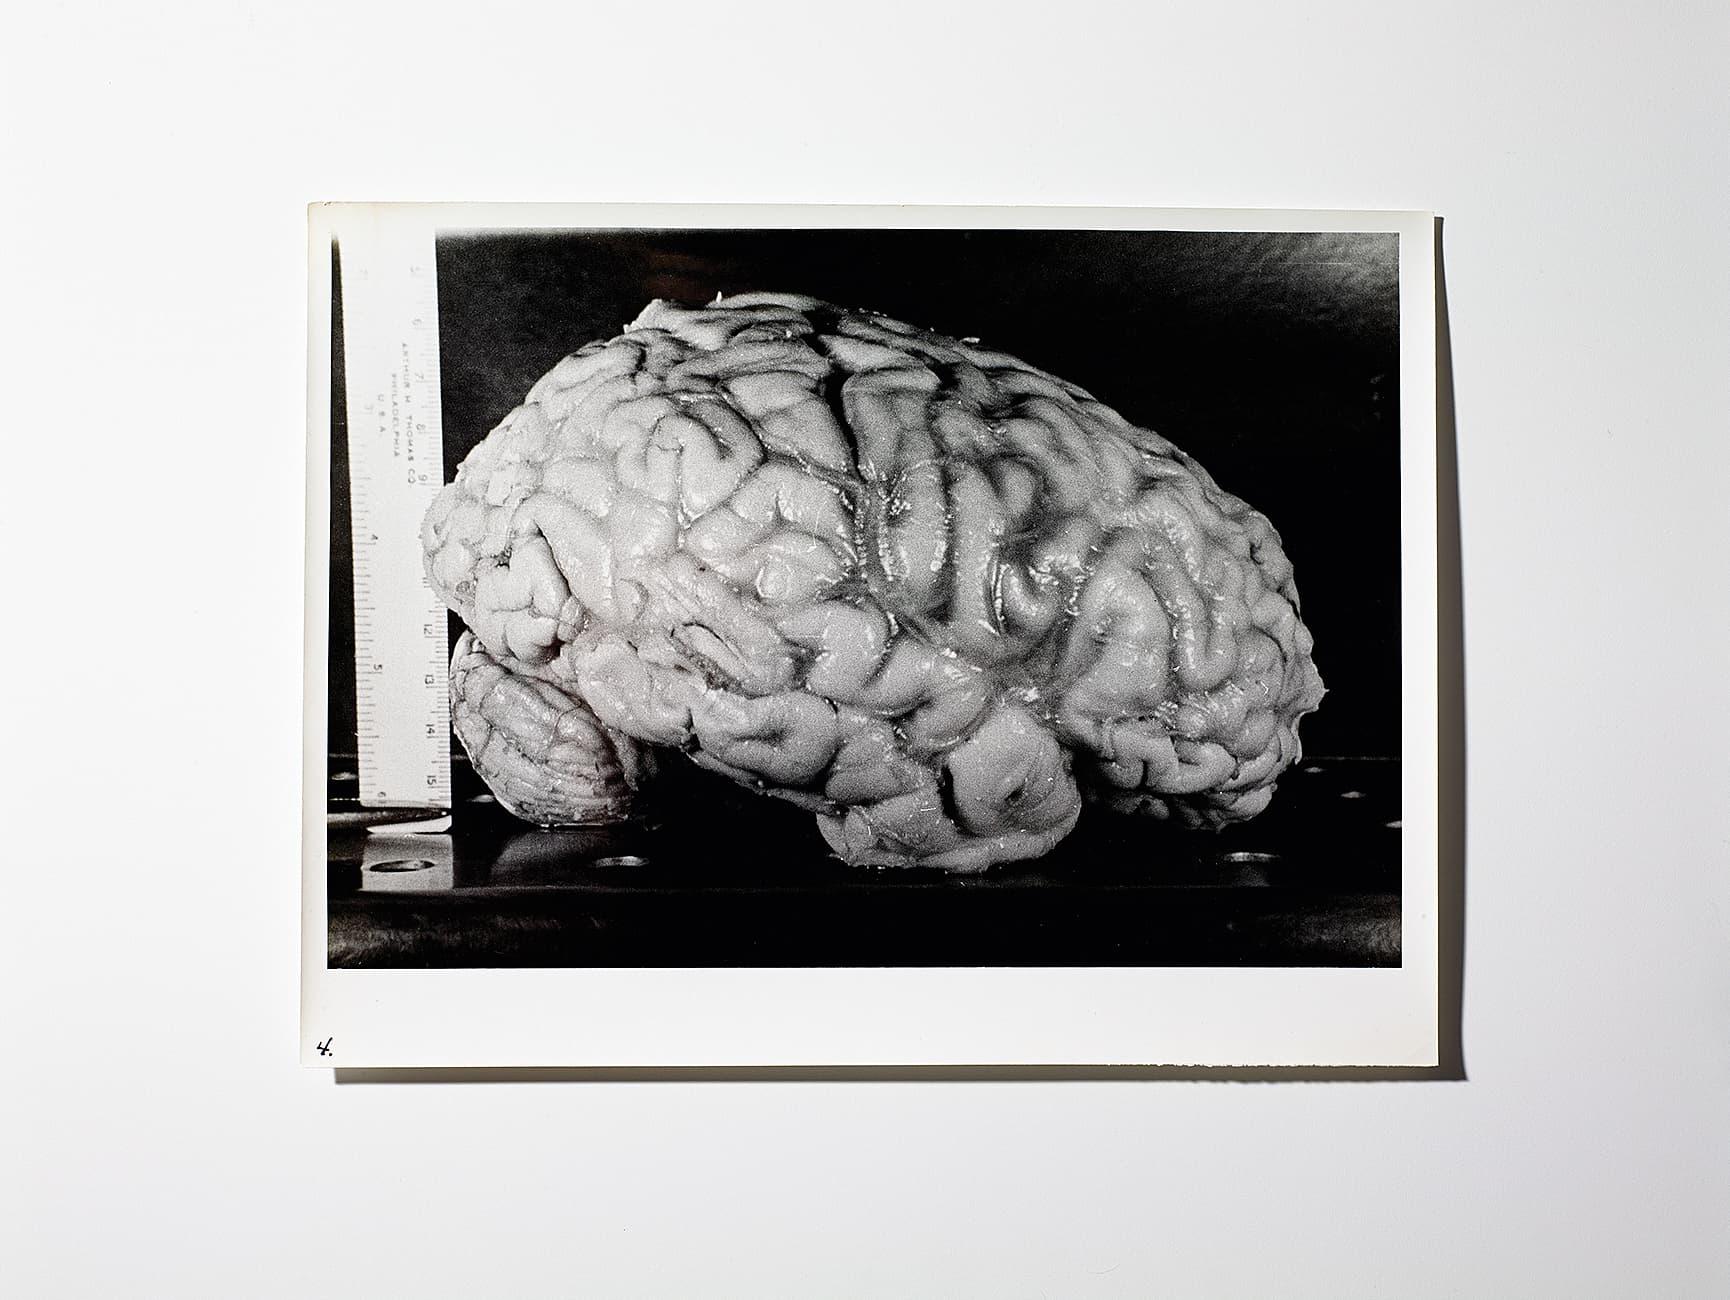 Großartig Anatomie Des Gehirns Und Seiner Funktion Bilder - Anatomie ...